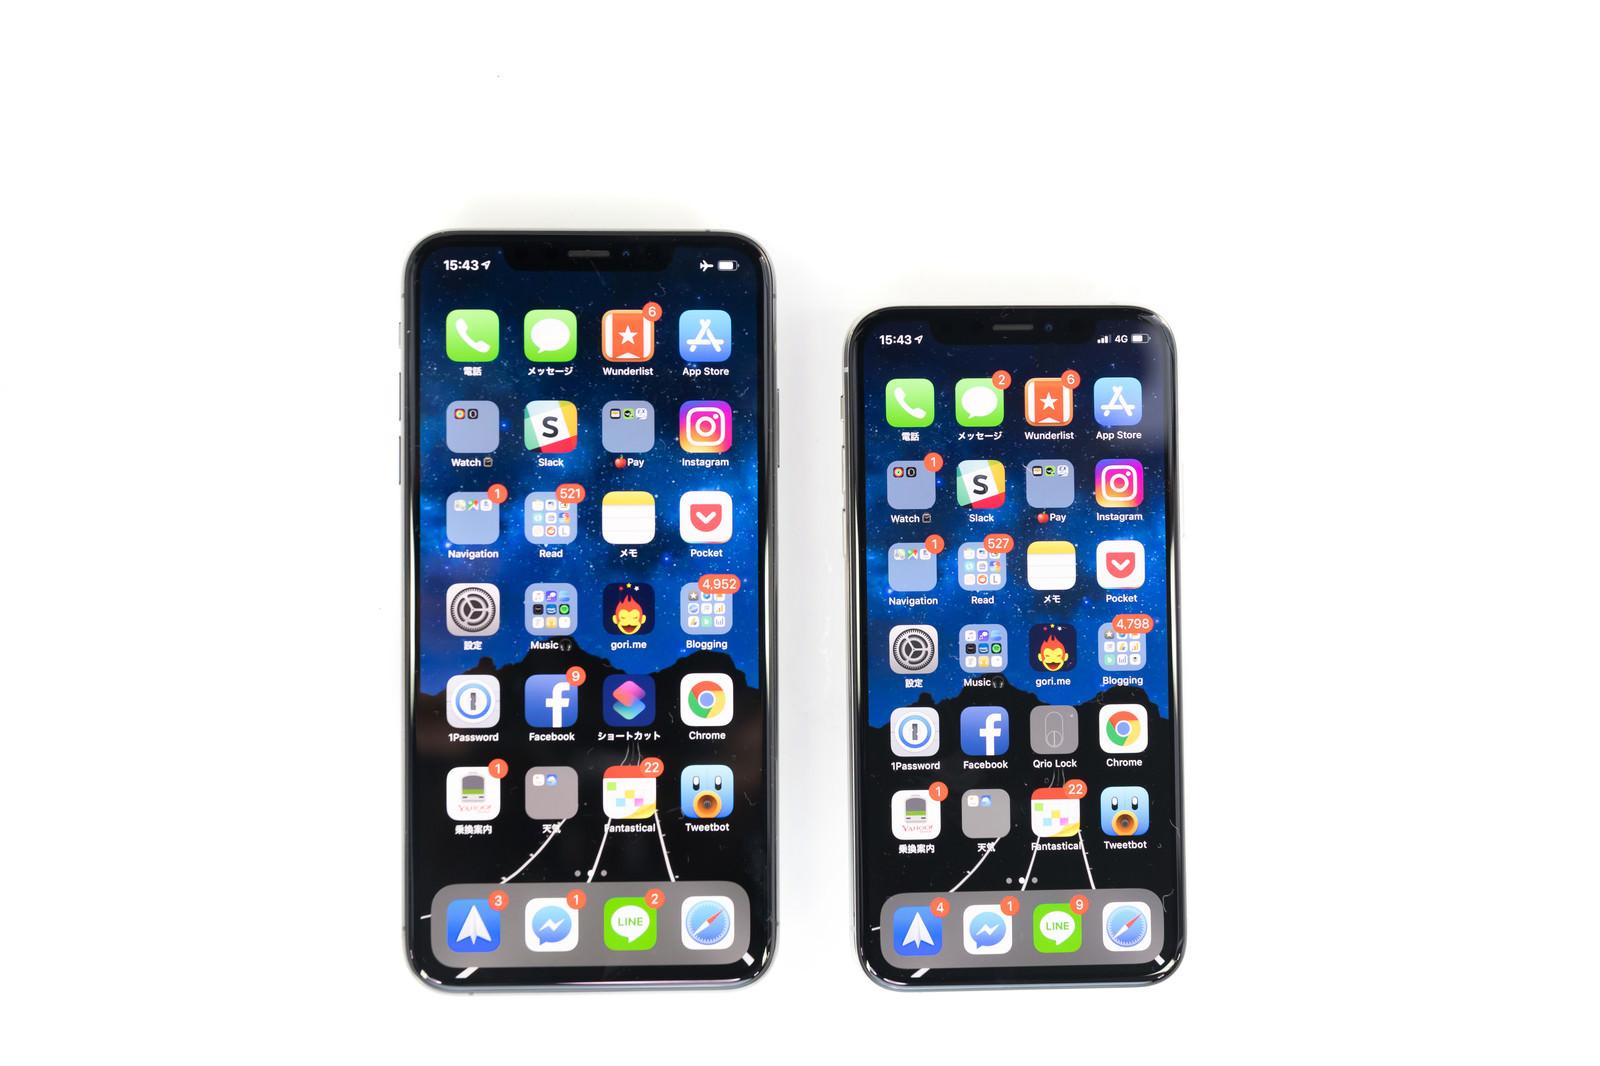 AP2018FTHG5557 TP V iphonexs and iphonexsmax